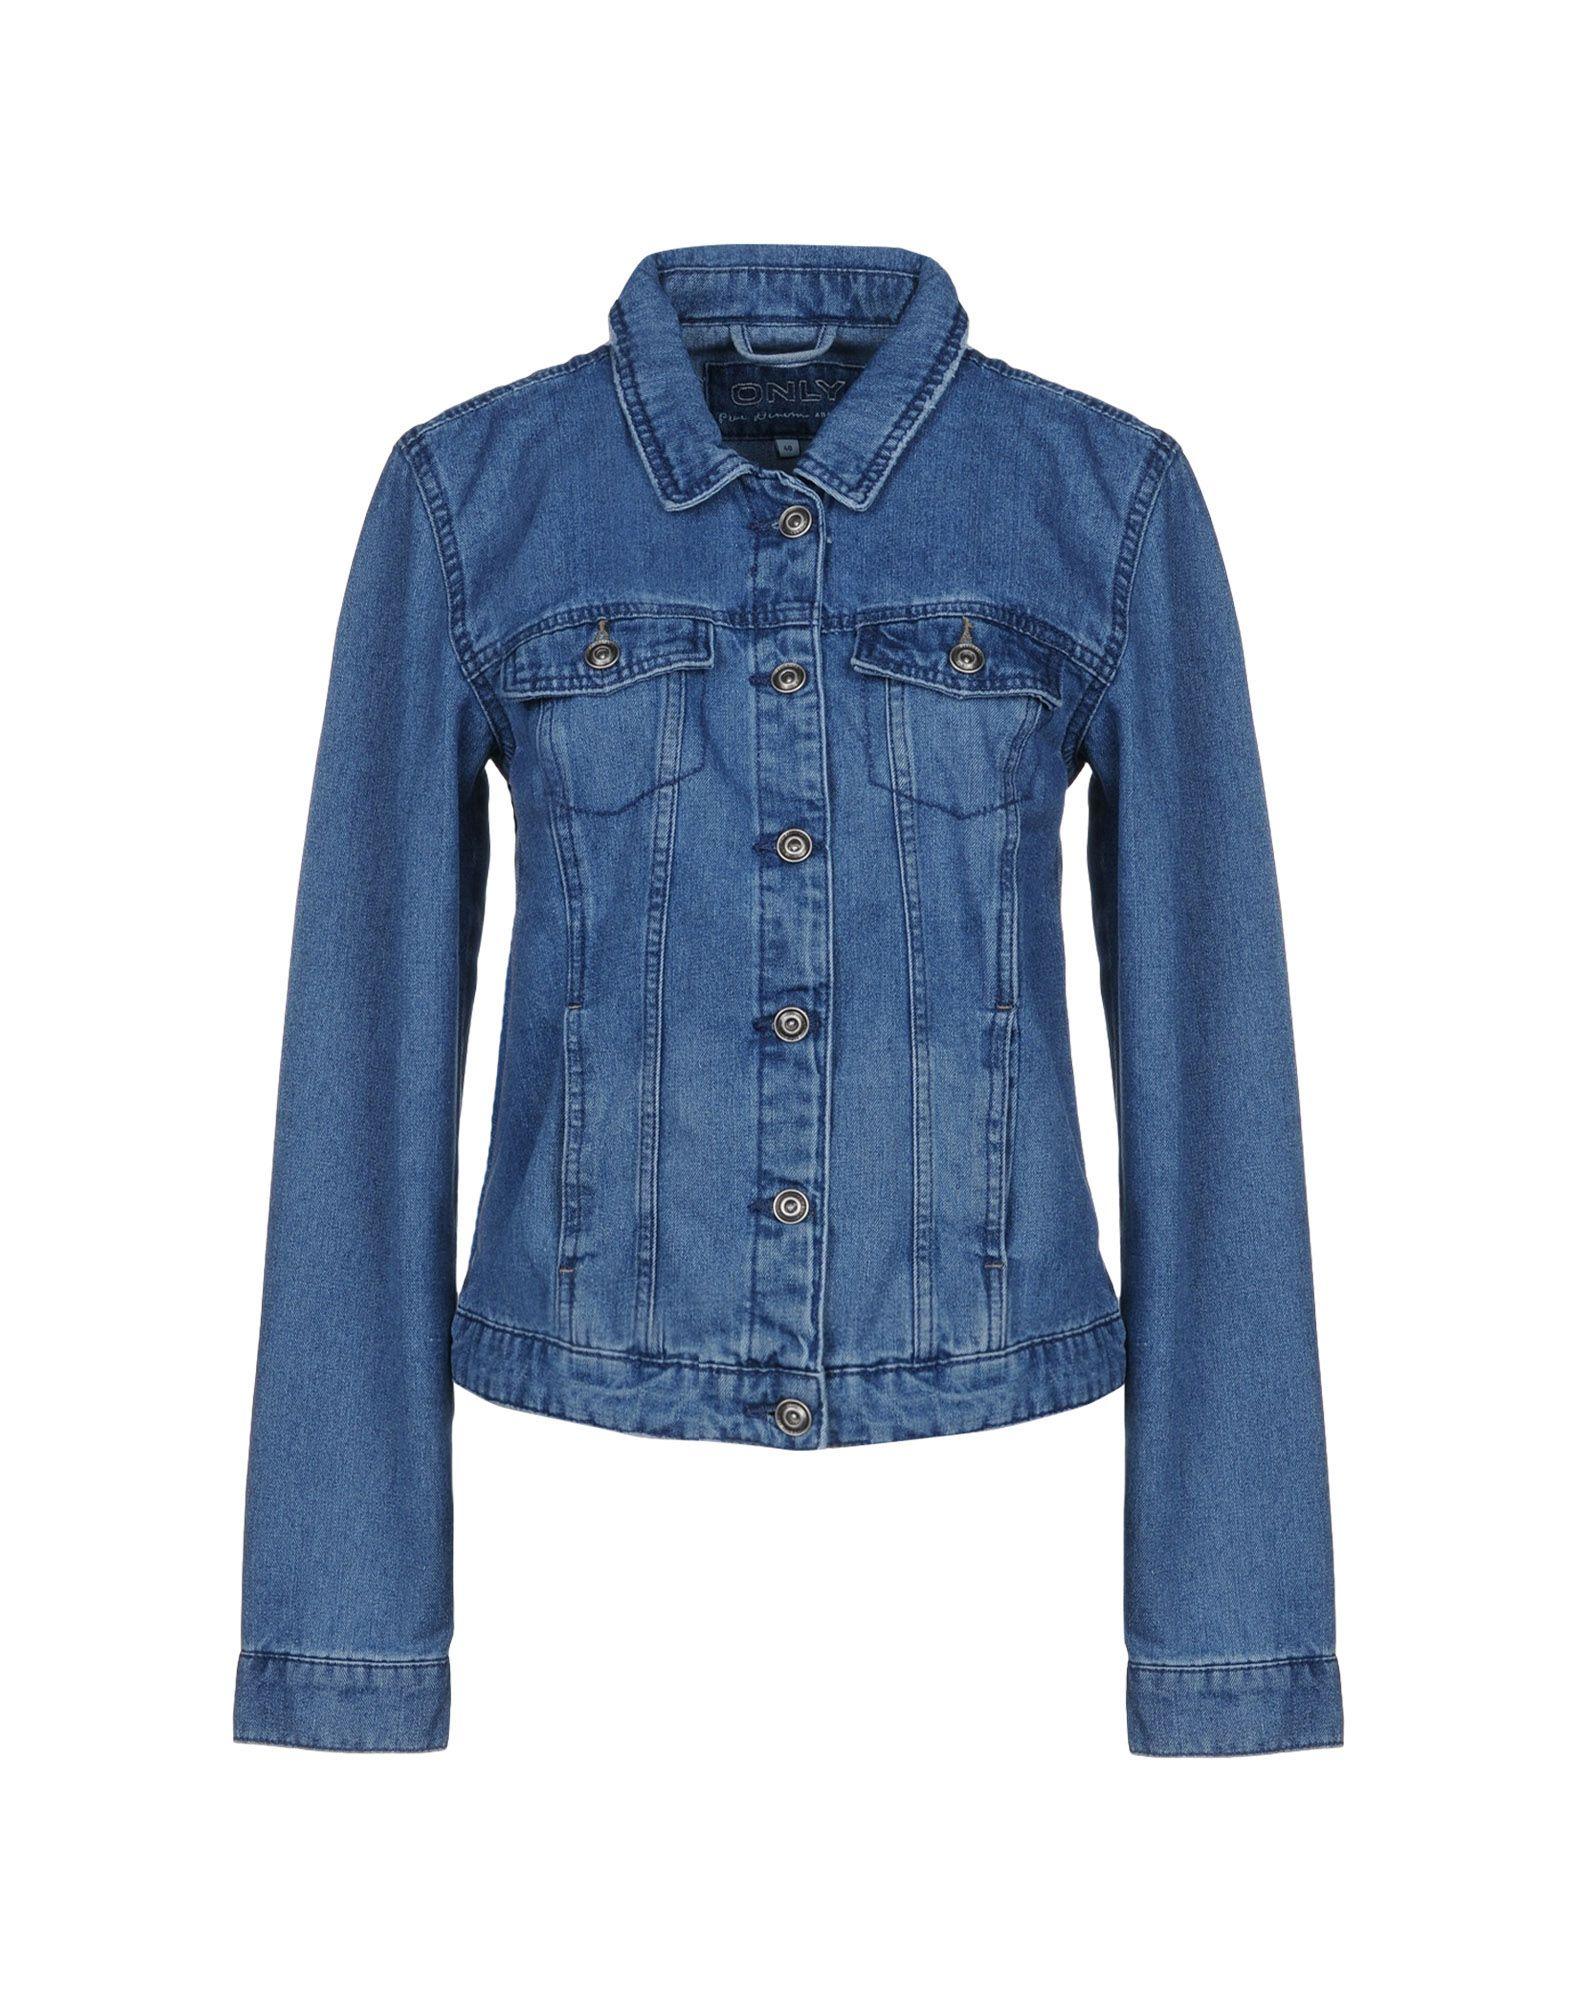 ONLY Джинсовая верхняя одежда wood wood джинсовая верхняя одежда